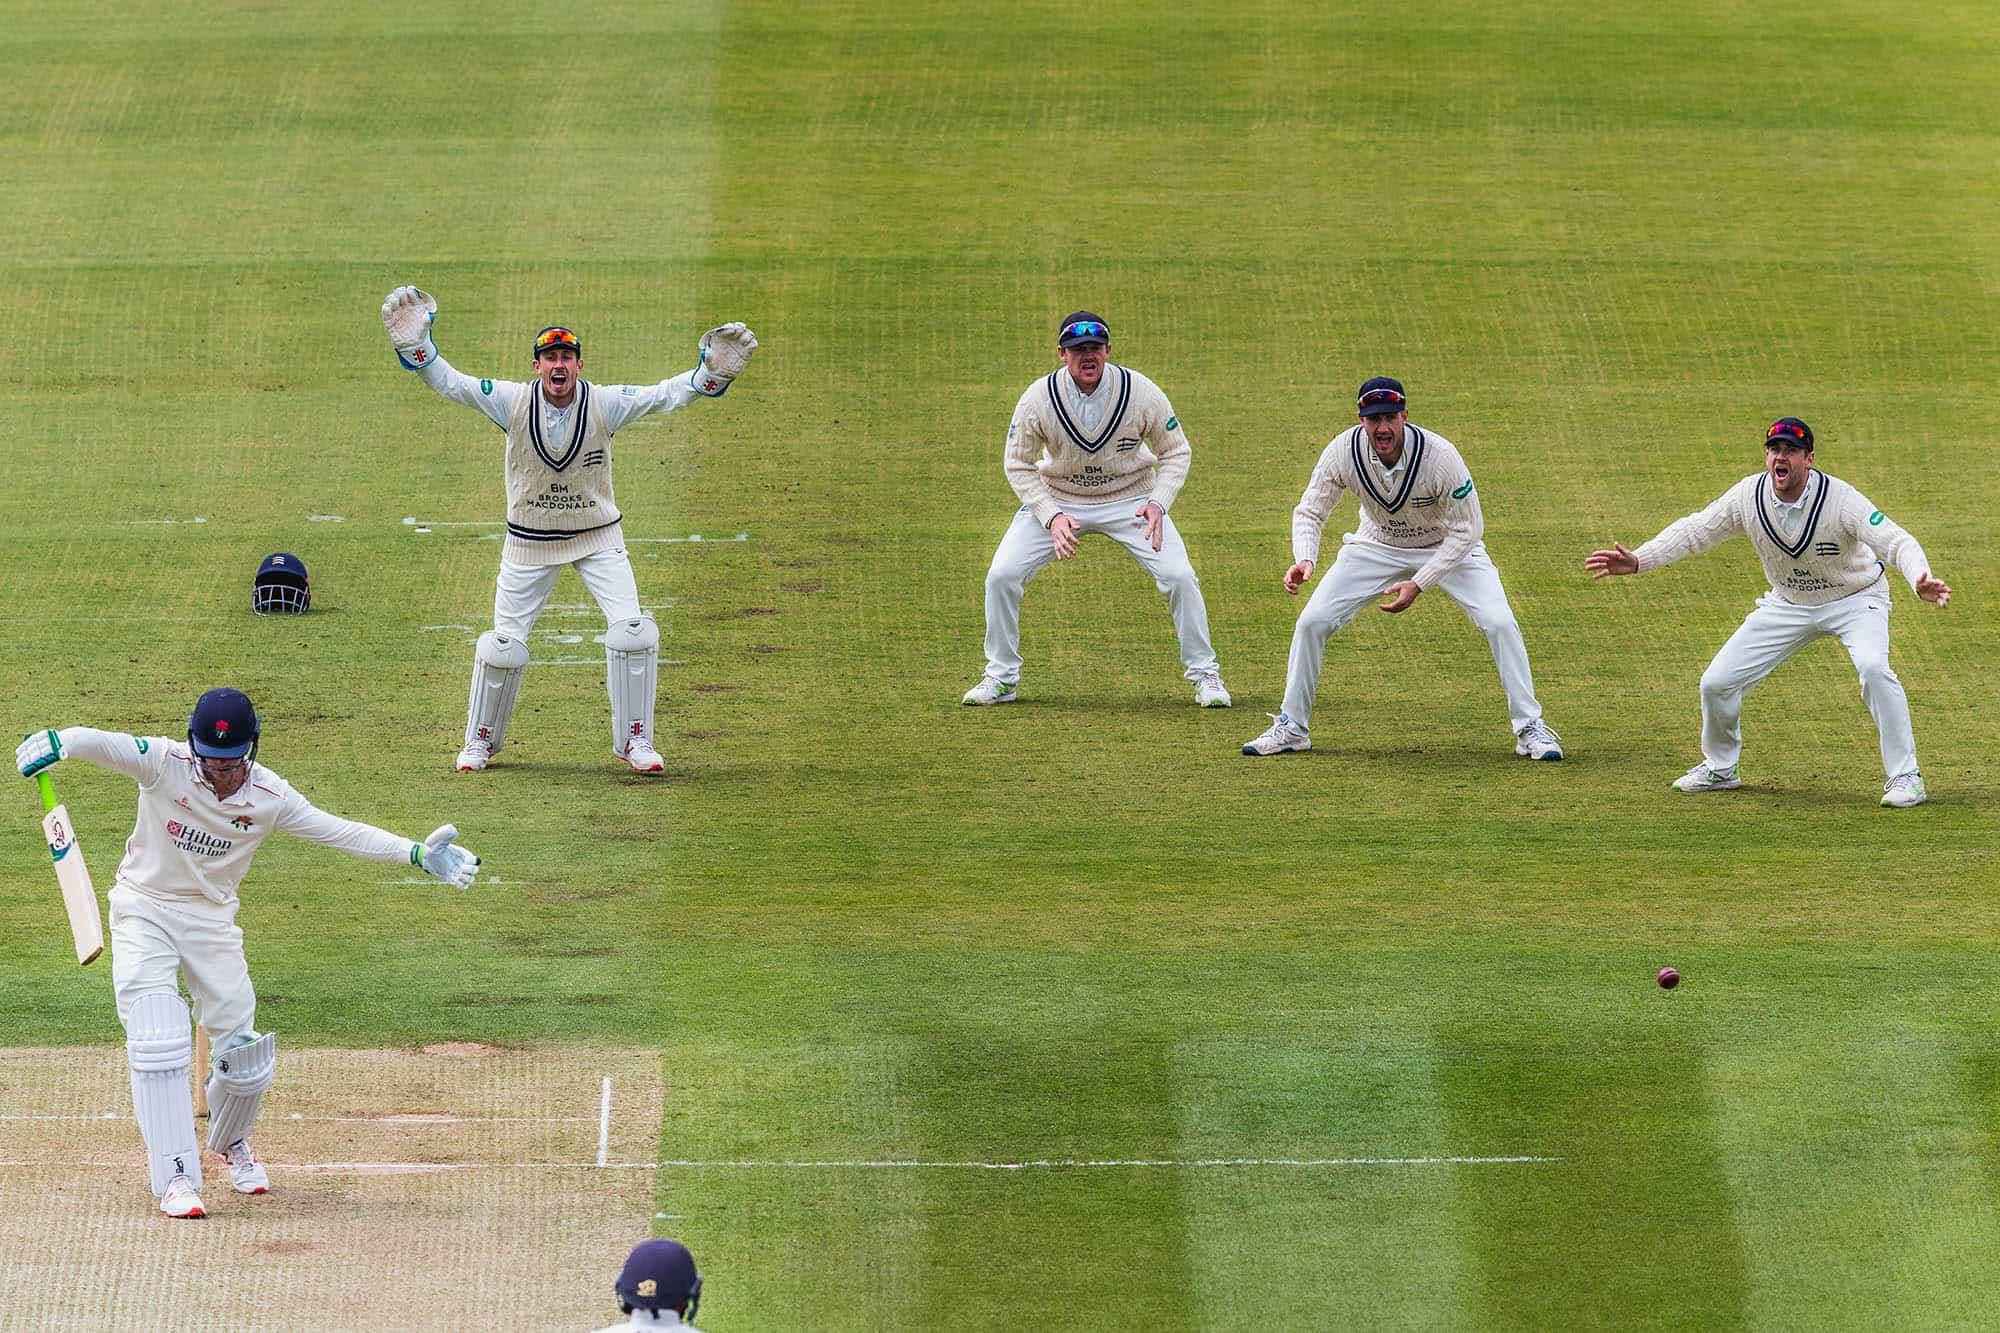 Cricket Là Gì? Tìm Hiểu Luật Chơi Bộ Môn Cricket (Bóng Gậy)